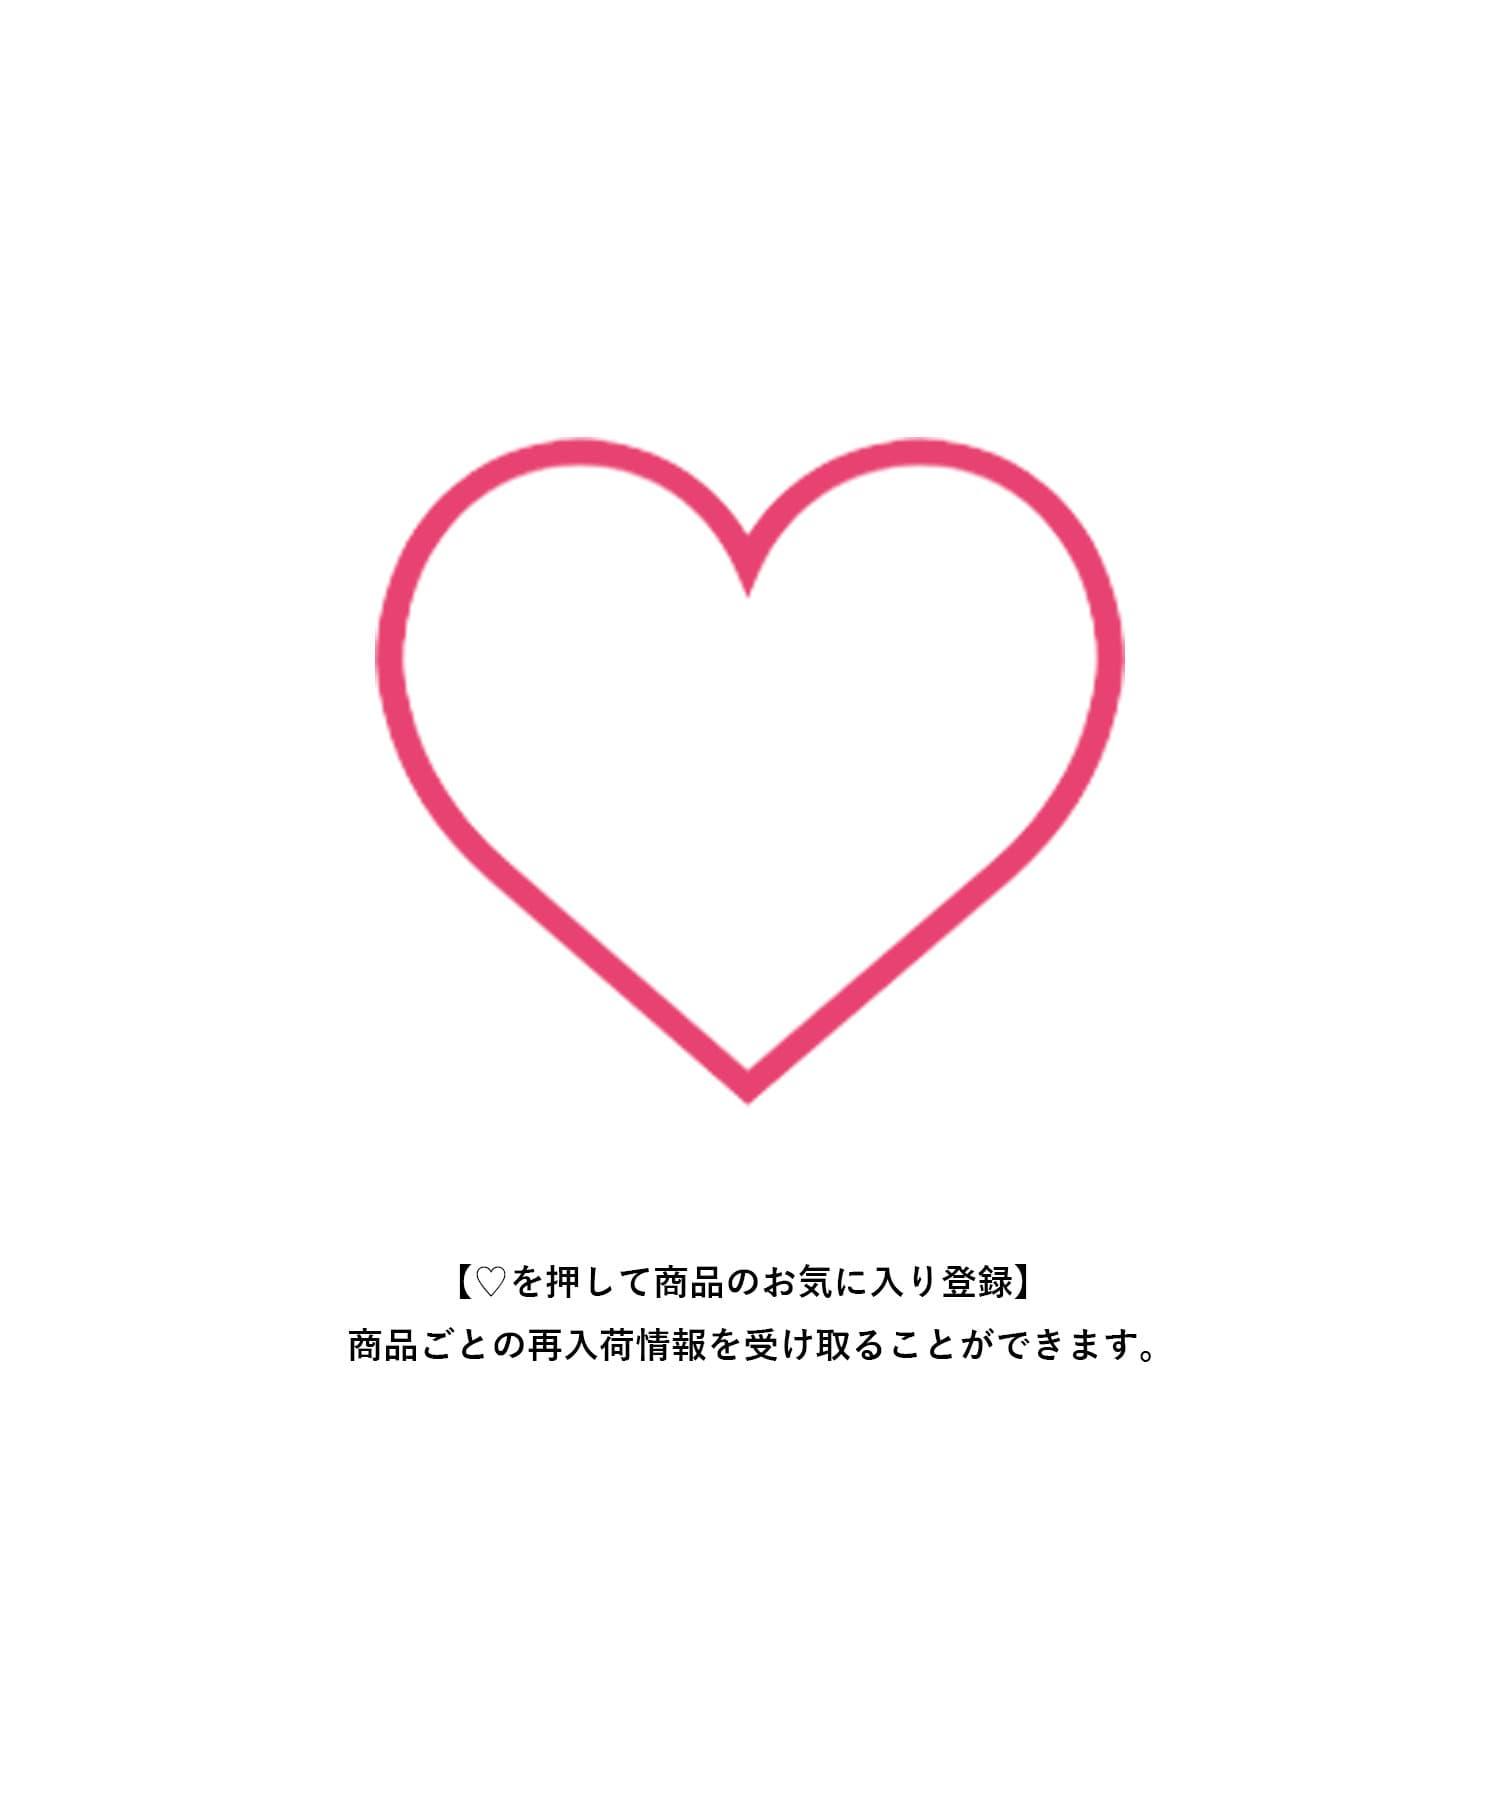 COLLAGE GALLARDAGALANTE(コラージュ ガリャルダガランテ) 【PAPILLONNER/パピヨネ】ビッグフリンジマフラー